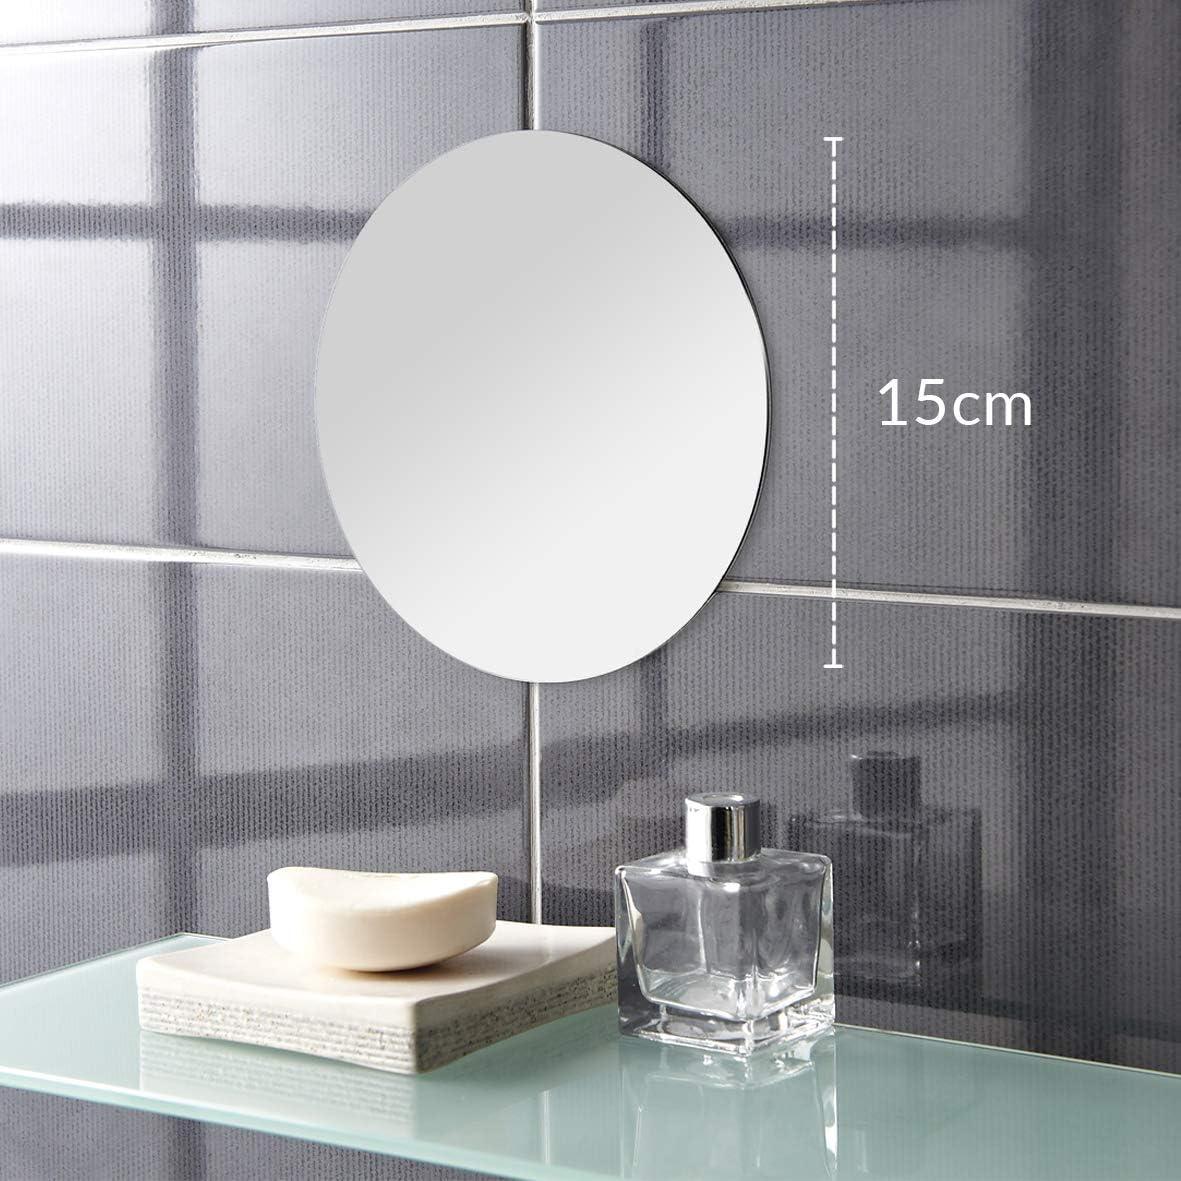 Badspiegel Wandspiegel Dekospiegel Rund Glas Spiegelfliese Set 8-tlg